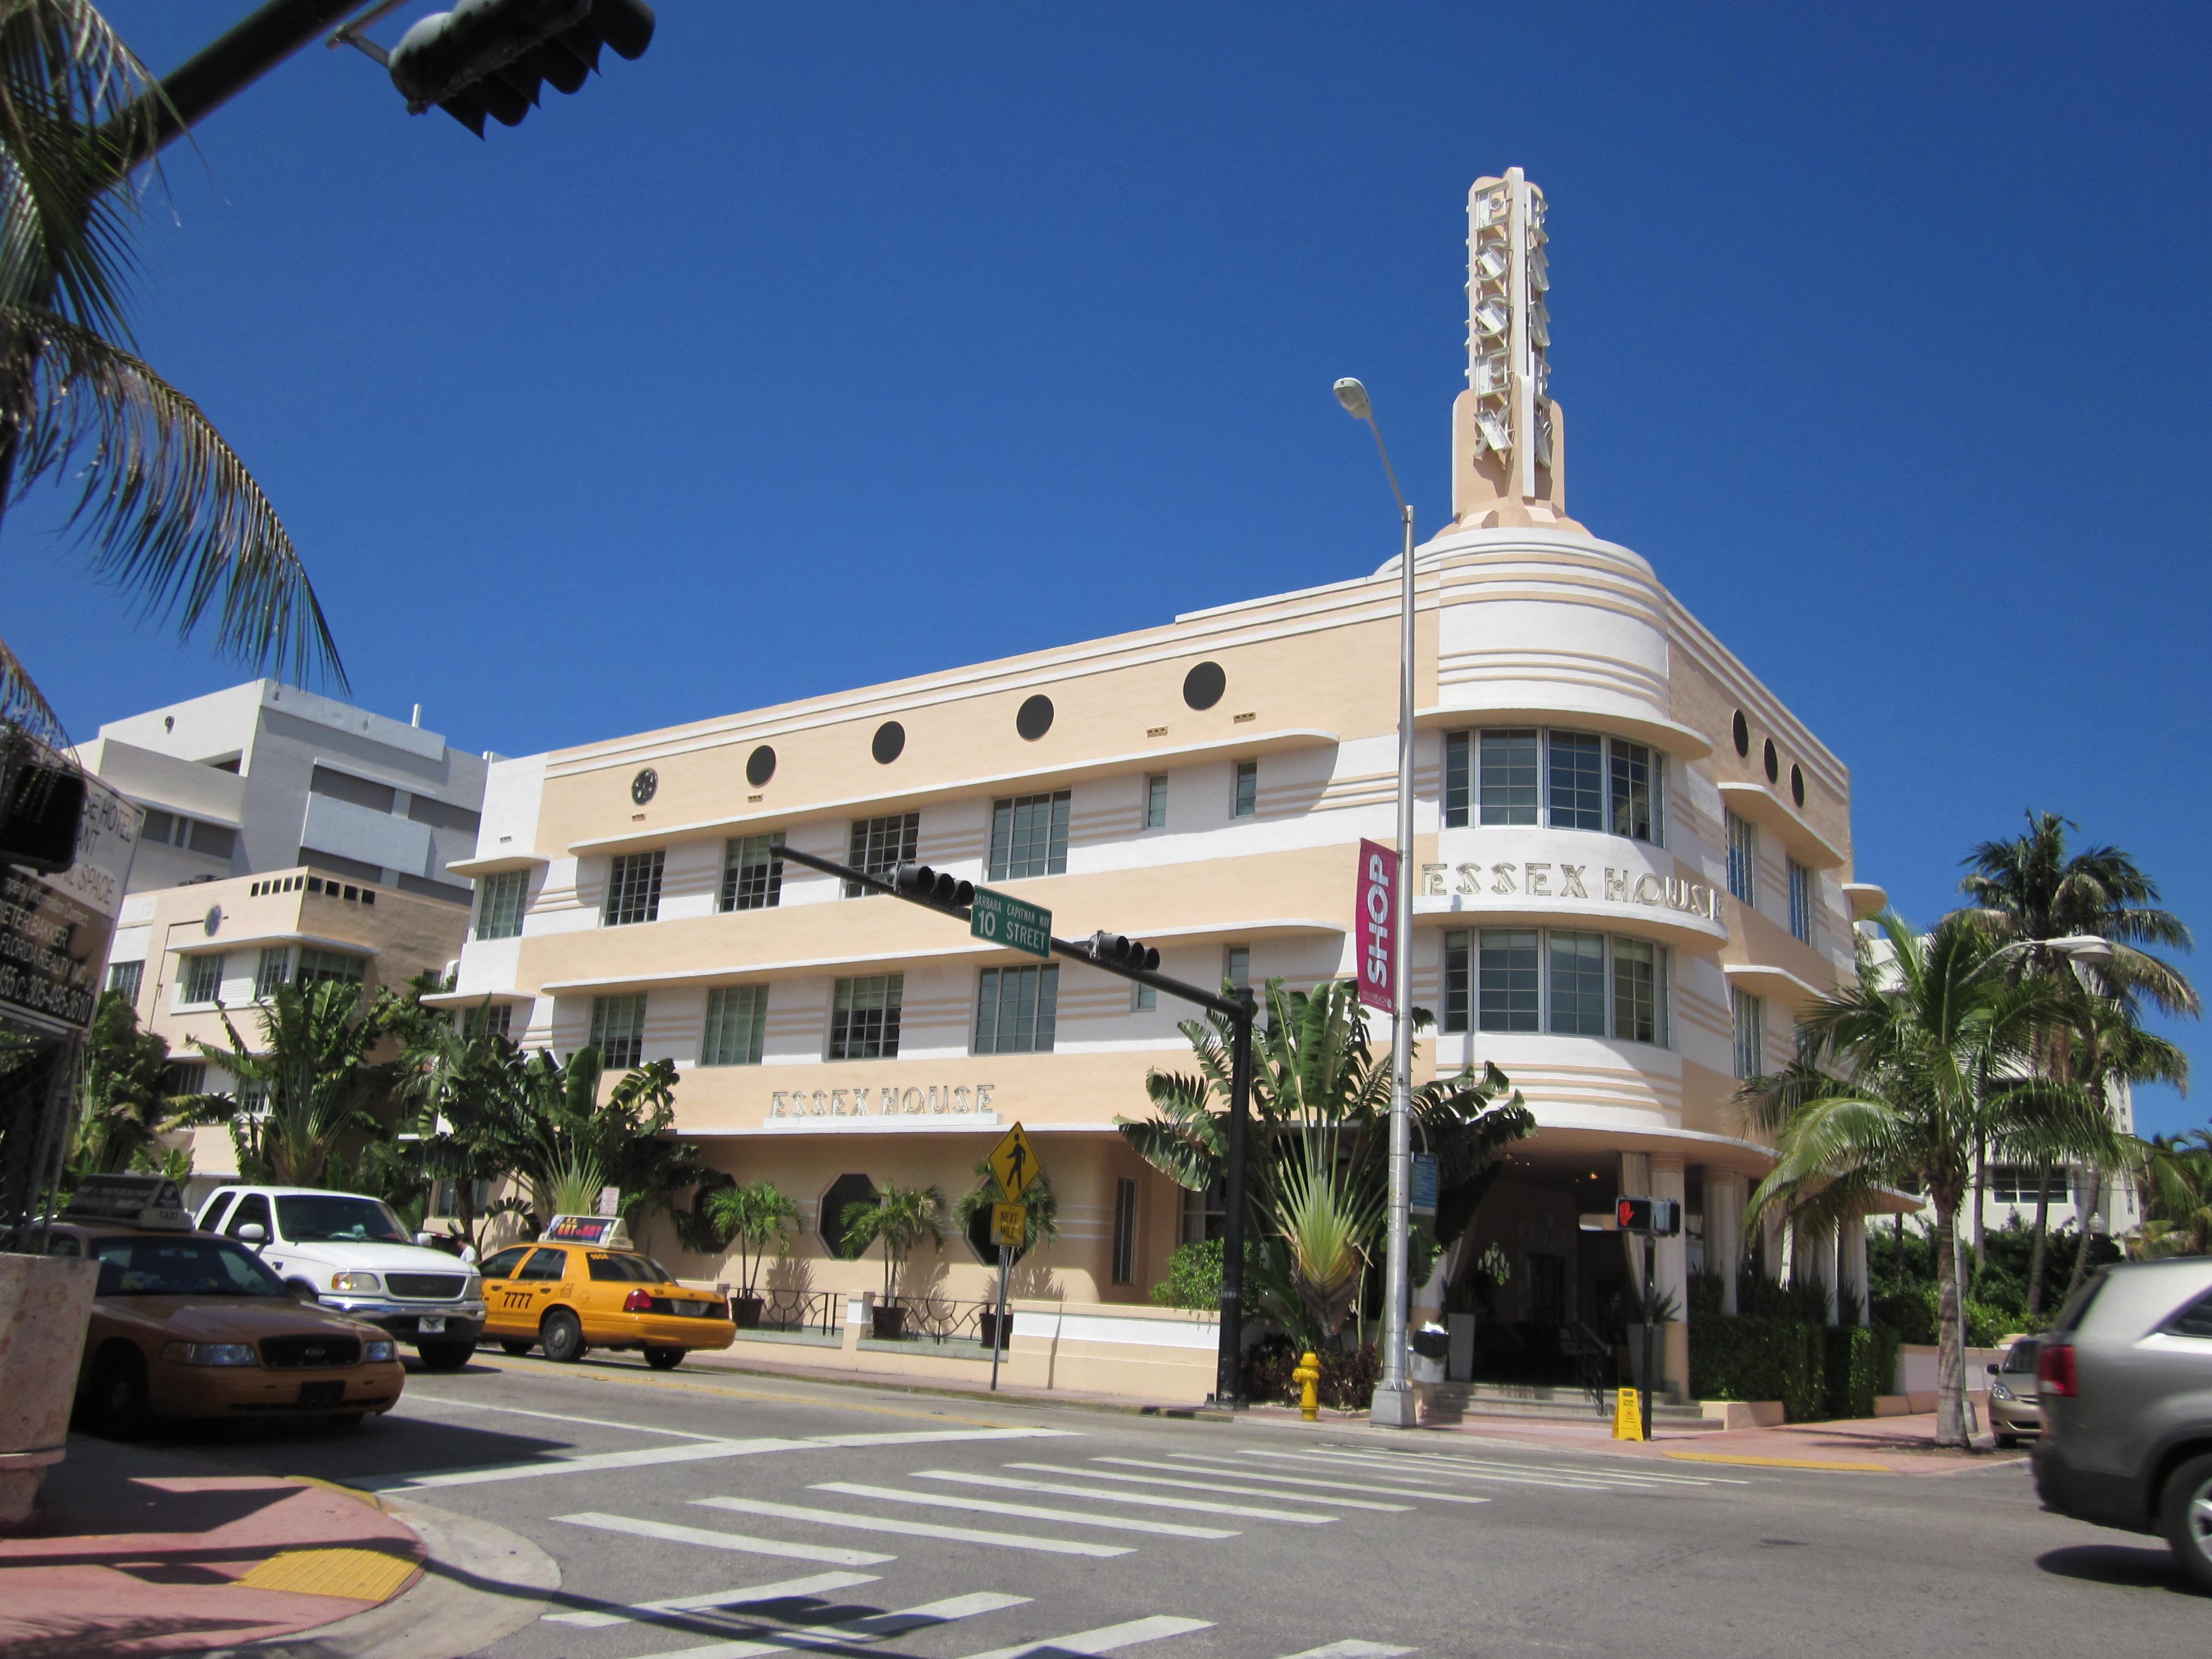 Miami Beach Florida Wikipedia The Free Encyclopedia